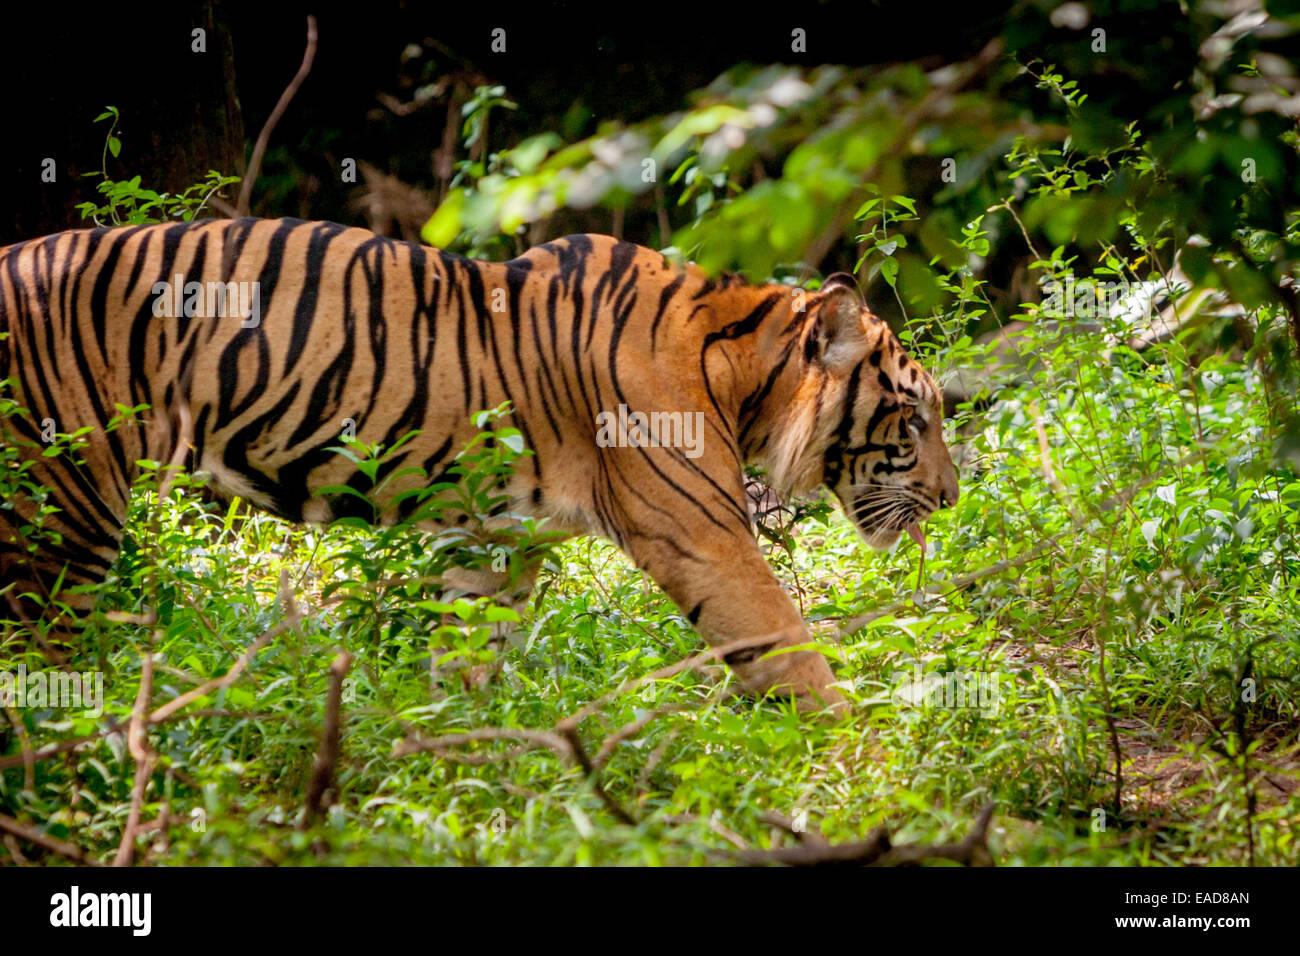 Sumatran tiger (Panthera tigris sumatrae) at Jakarta Zoo, Jakarta, Indonesia. - Stock Image